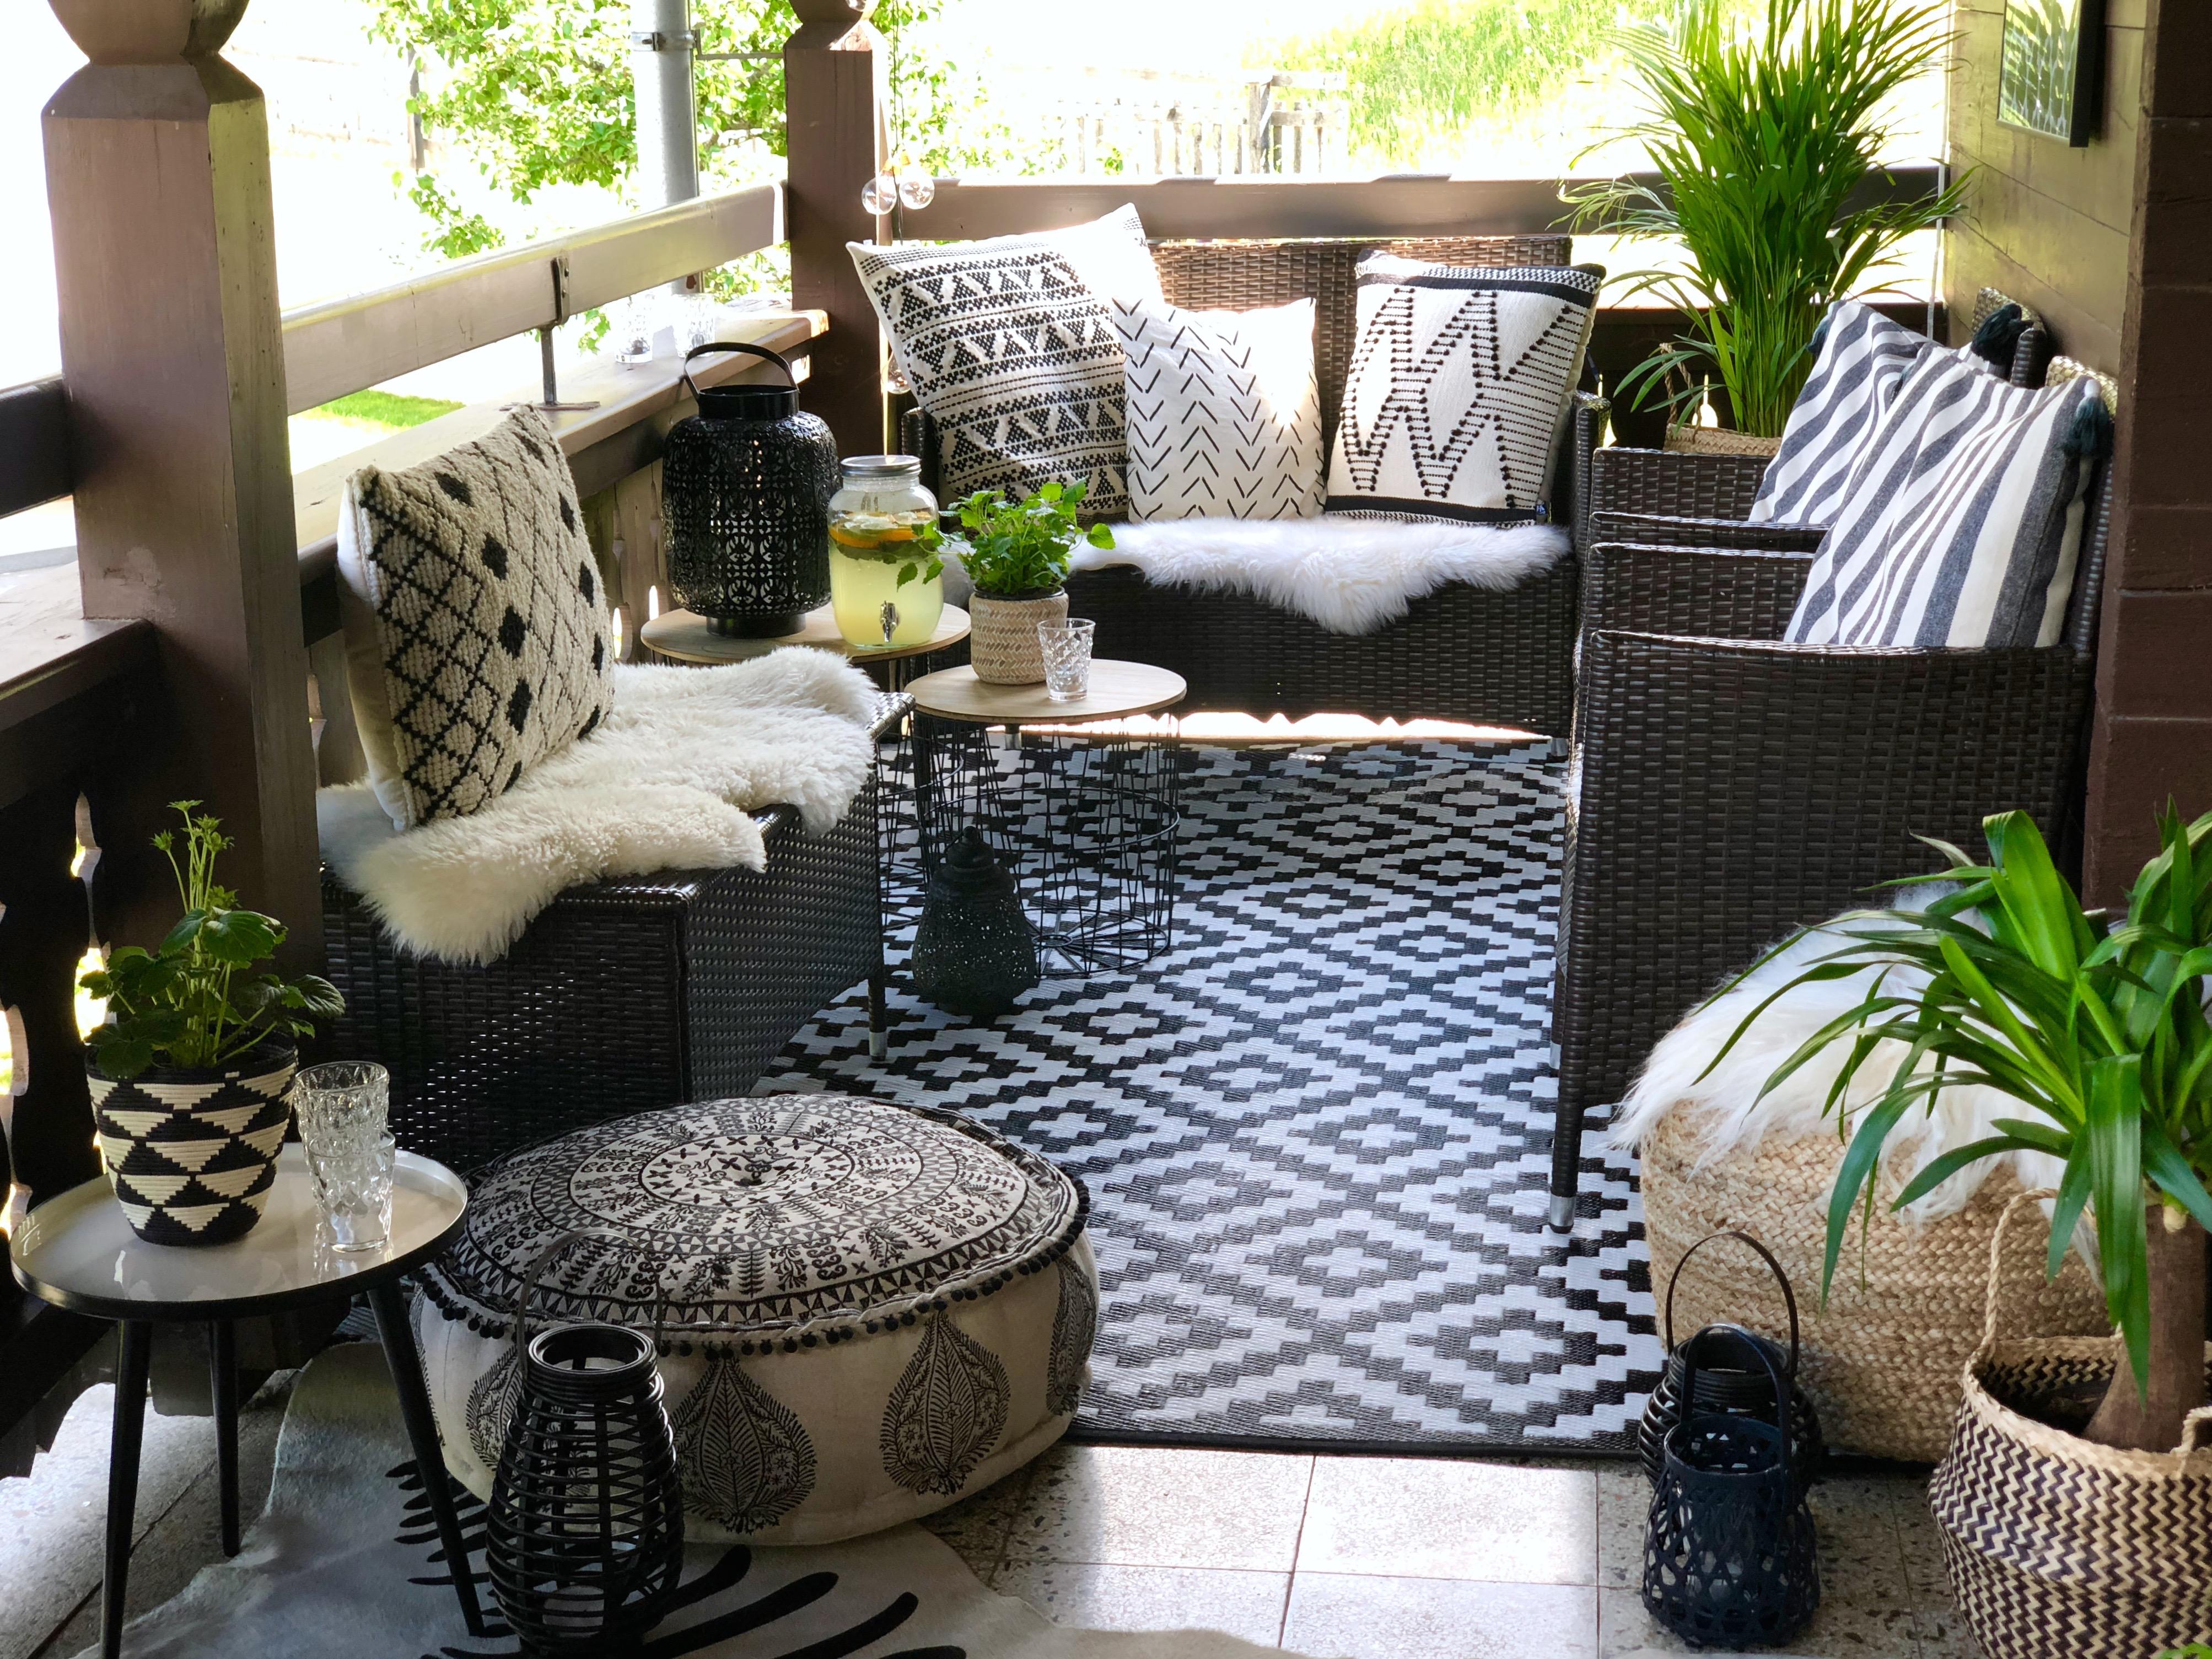 ... Auf Eurem Balkon Oder Eine Große Terrasse. Mit Einem Outdoor Teppich,  Ein Paar Kissen Und Fellen, Stimmungsvollen Lichtern Und Einem Gemütlichen  Pouf, ...